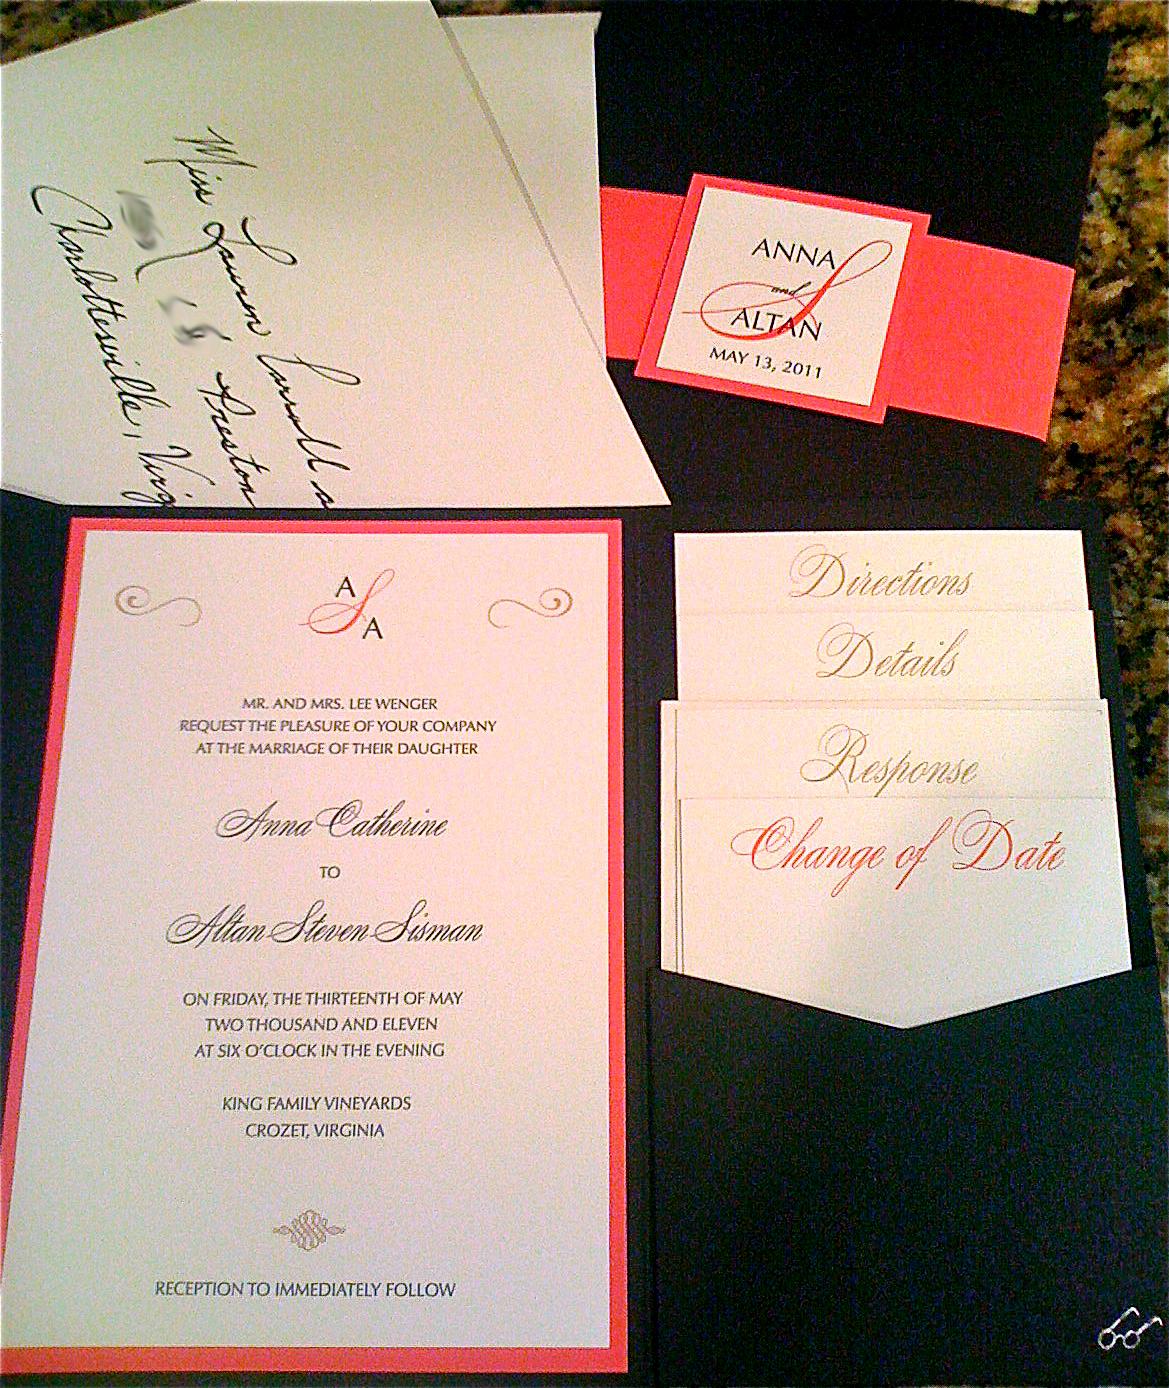 wedding invitation wedding invitation etiquette handwritten